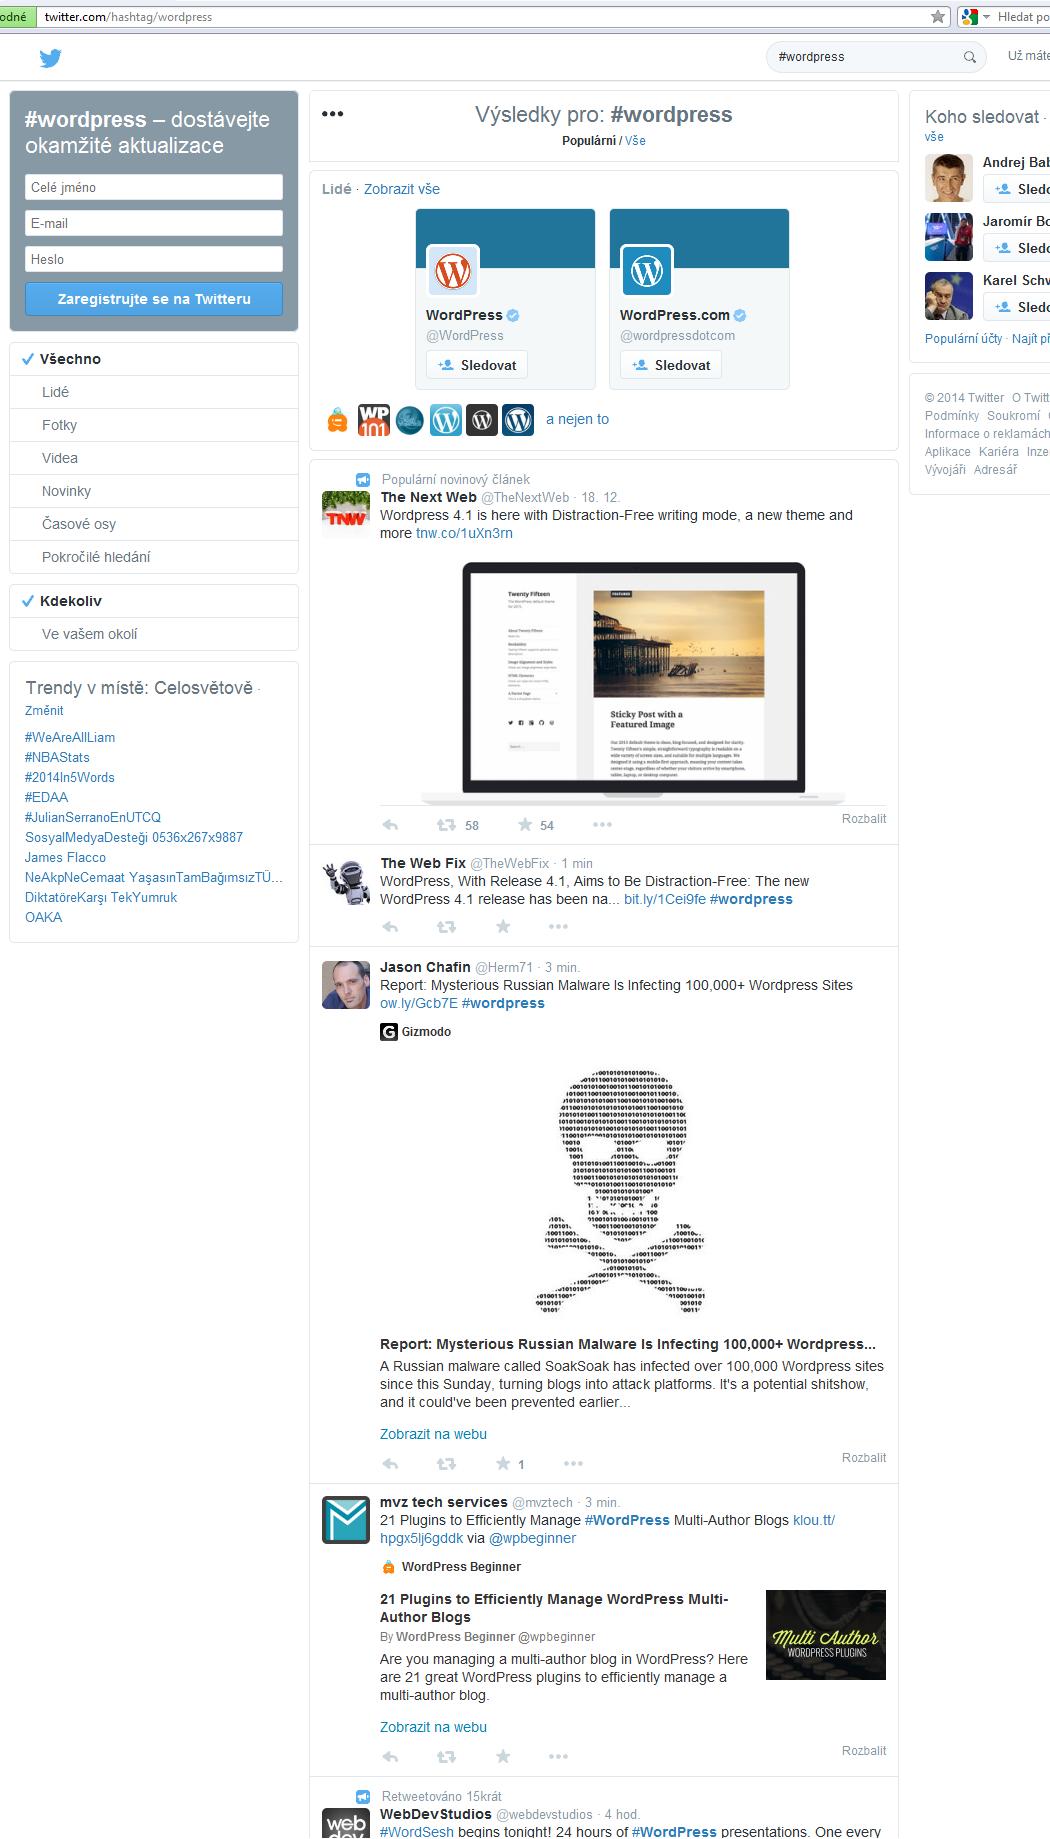 Ukázka stránky s hashtag #WordPress kterou uvidí nepřihlášený uživatel.